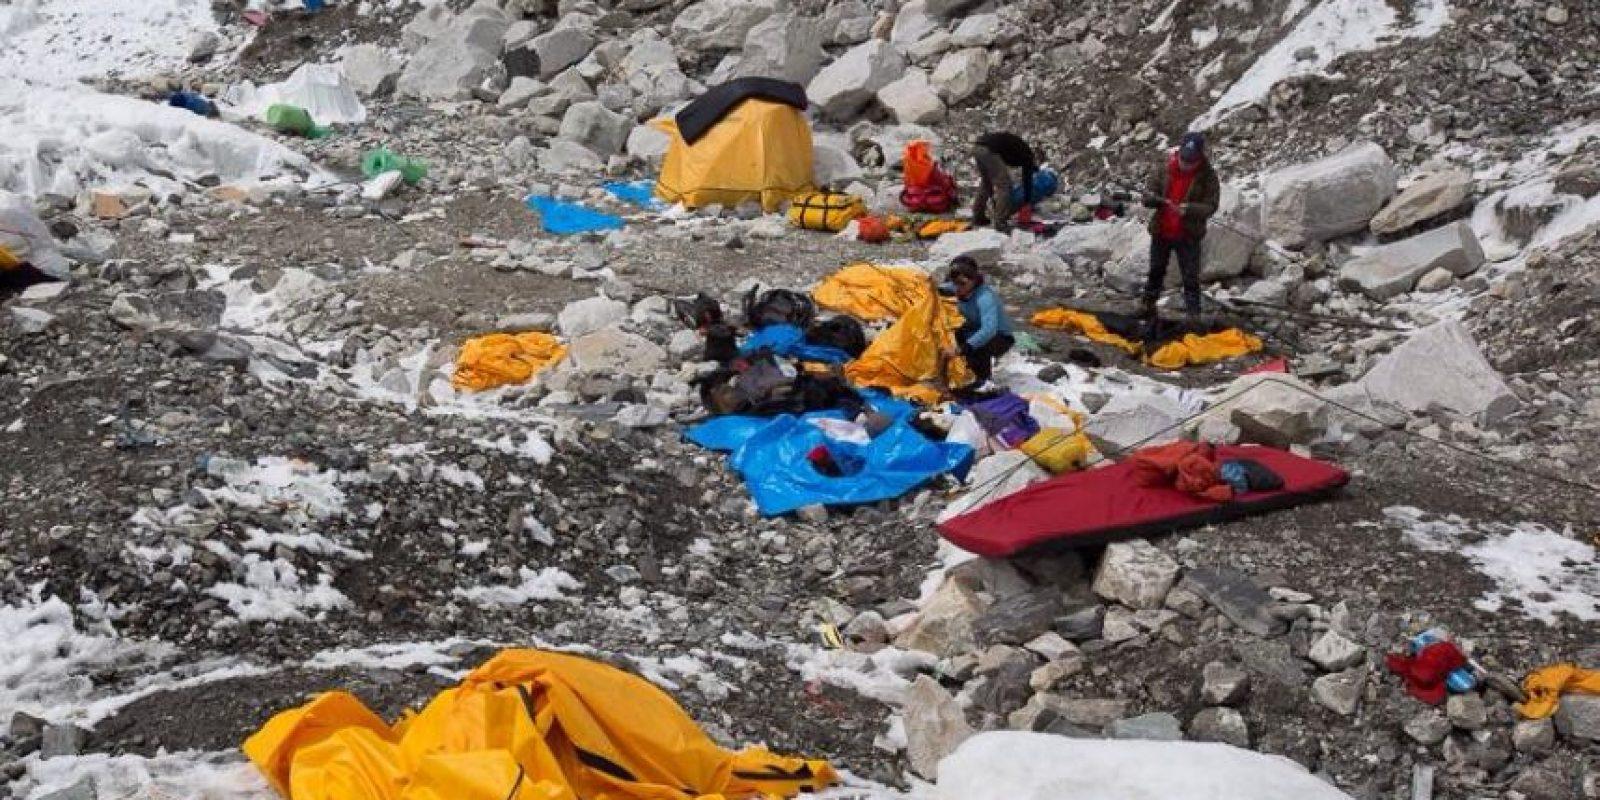 Imágenes captadas por la guatemalteca Andrea Cardona Foto:www.facebook.com/RumboalEverest